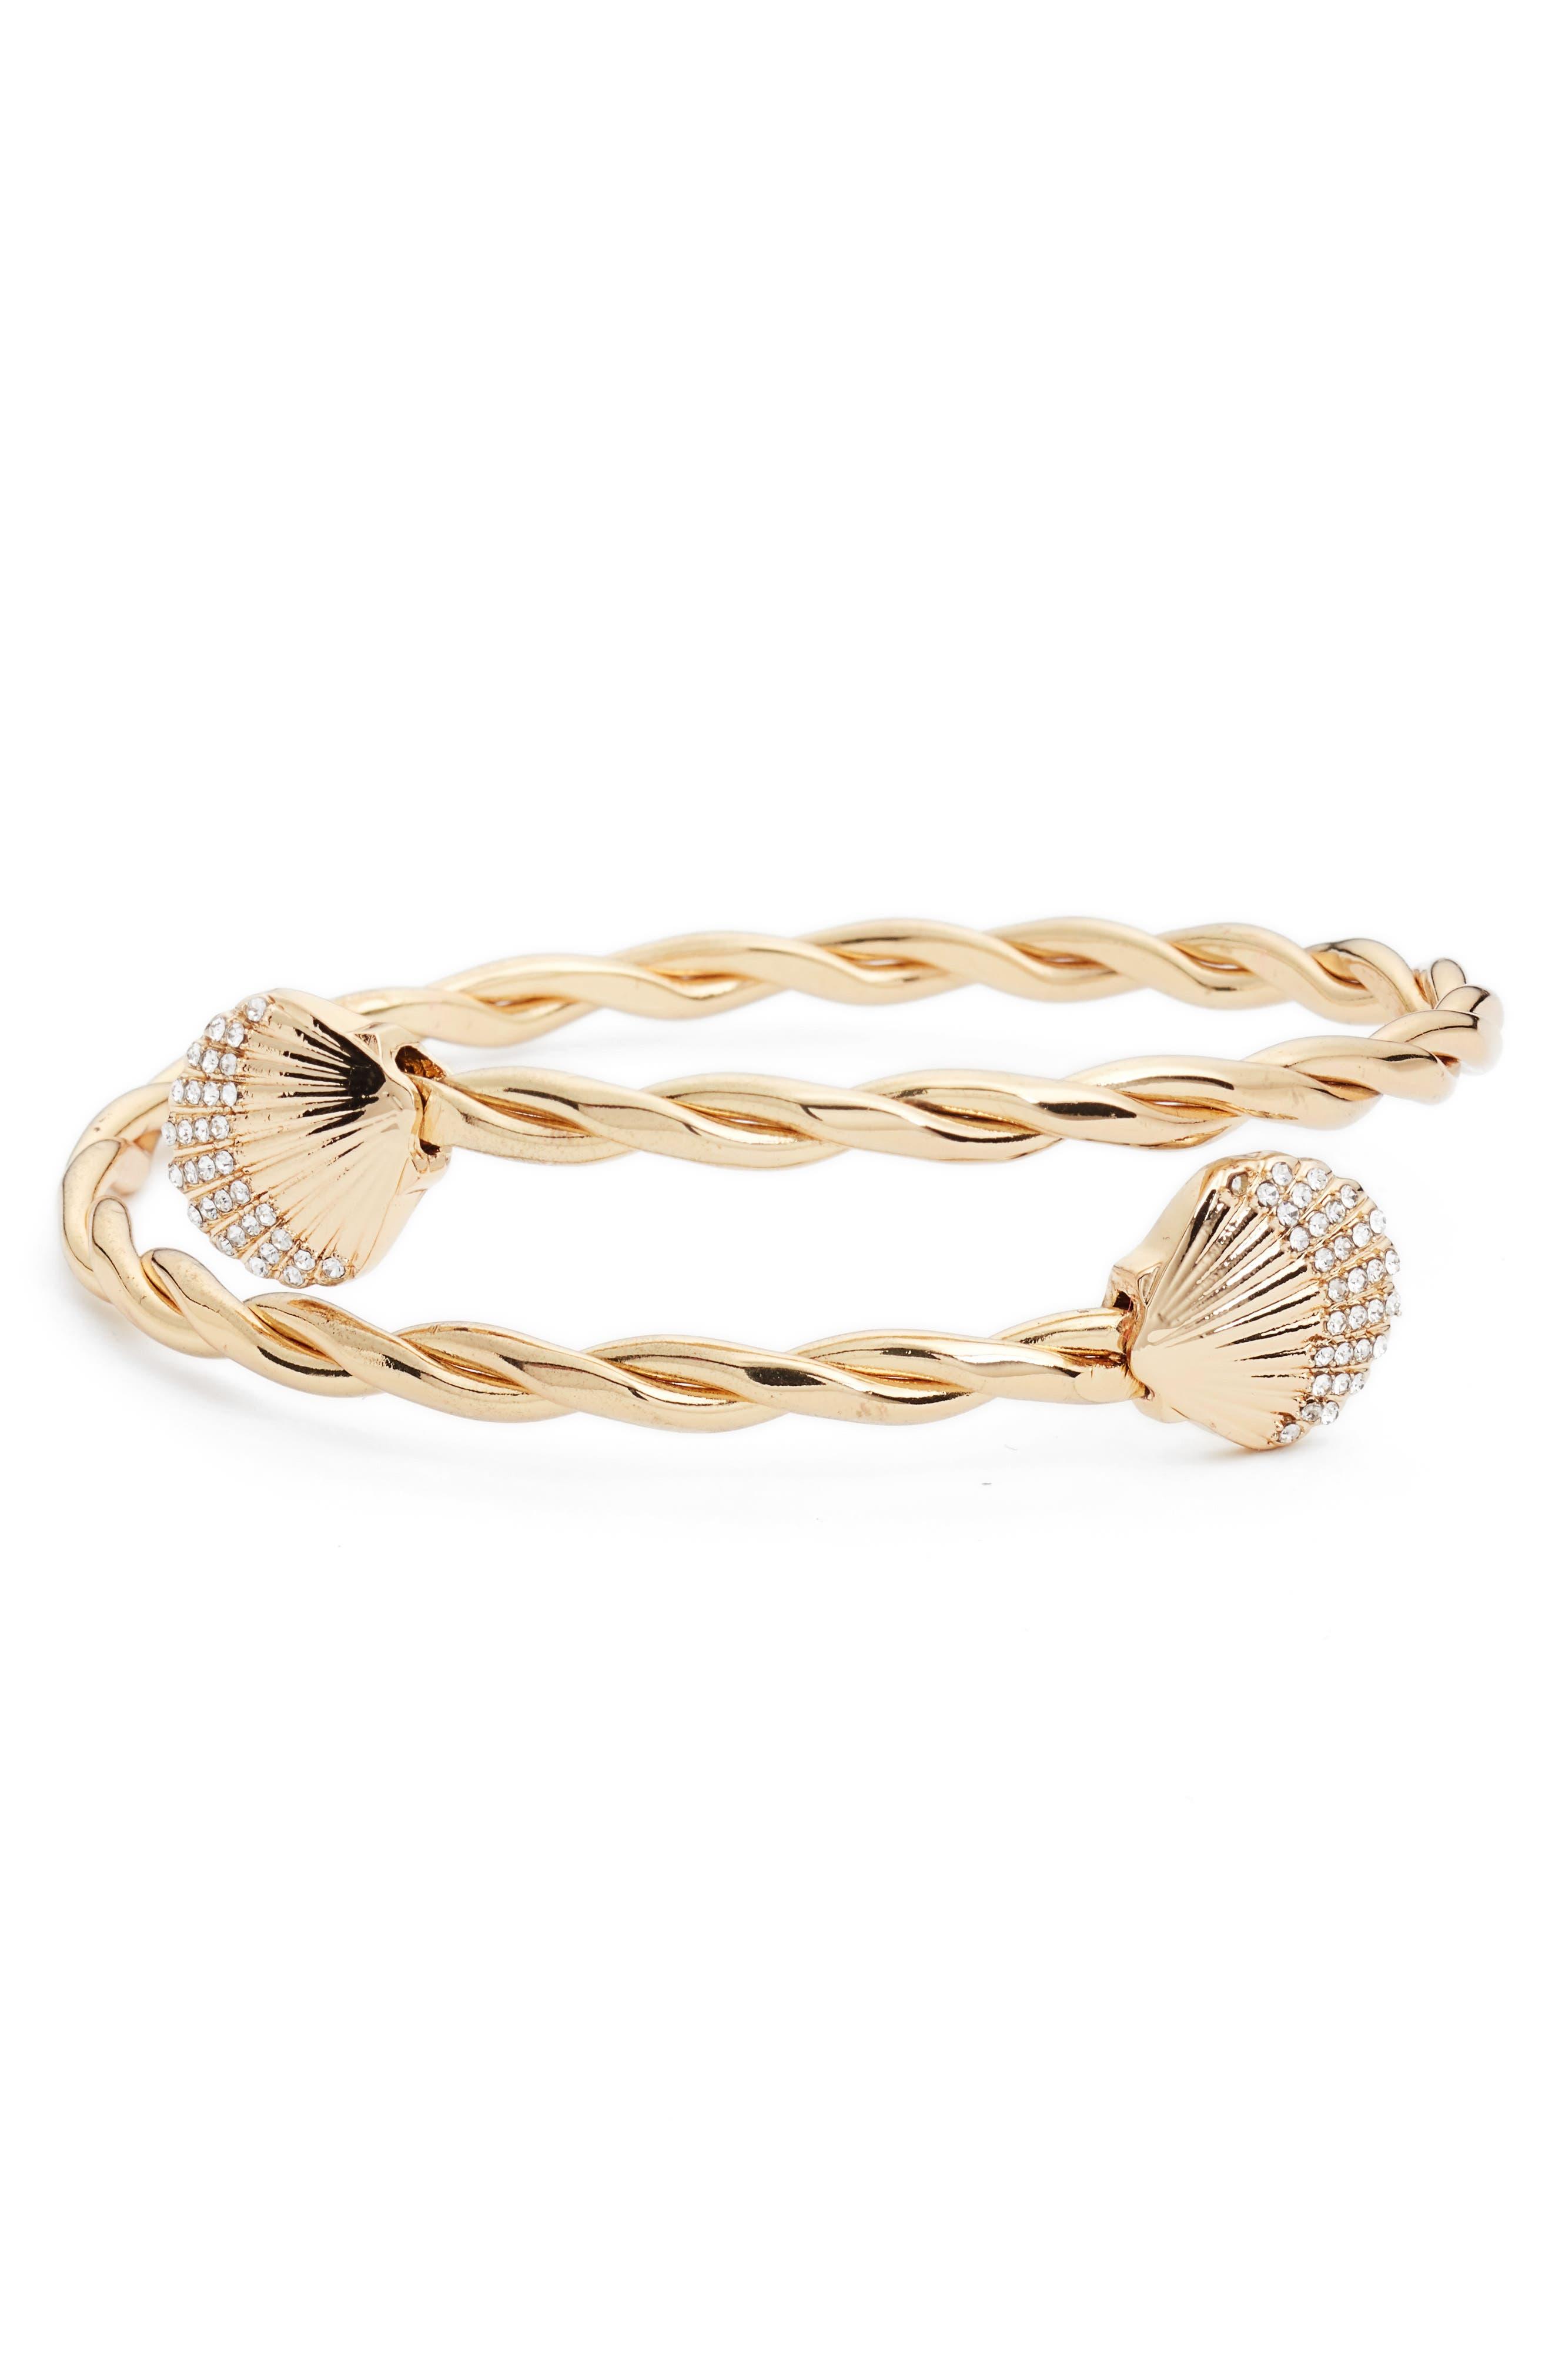 Celestial Seas Arm Cuff Bracelet,                         Main,                         color, GOLD METALLIC